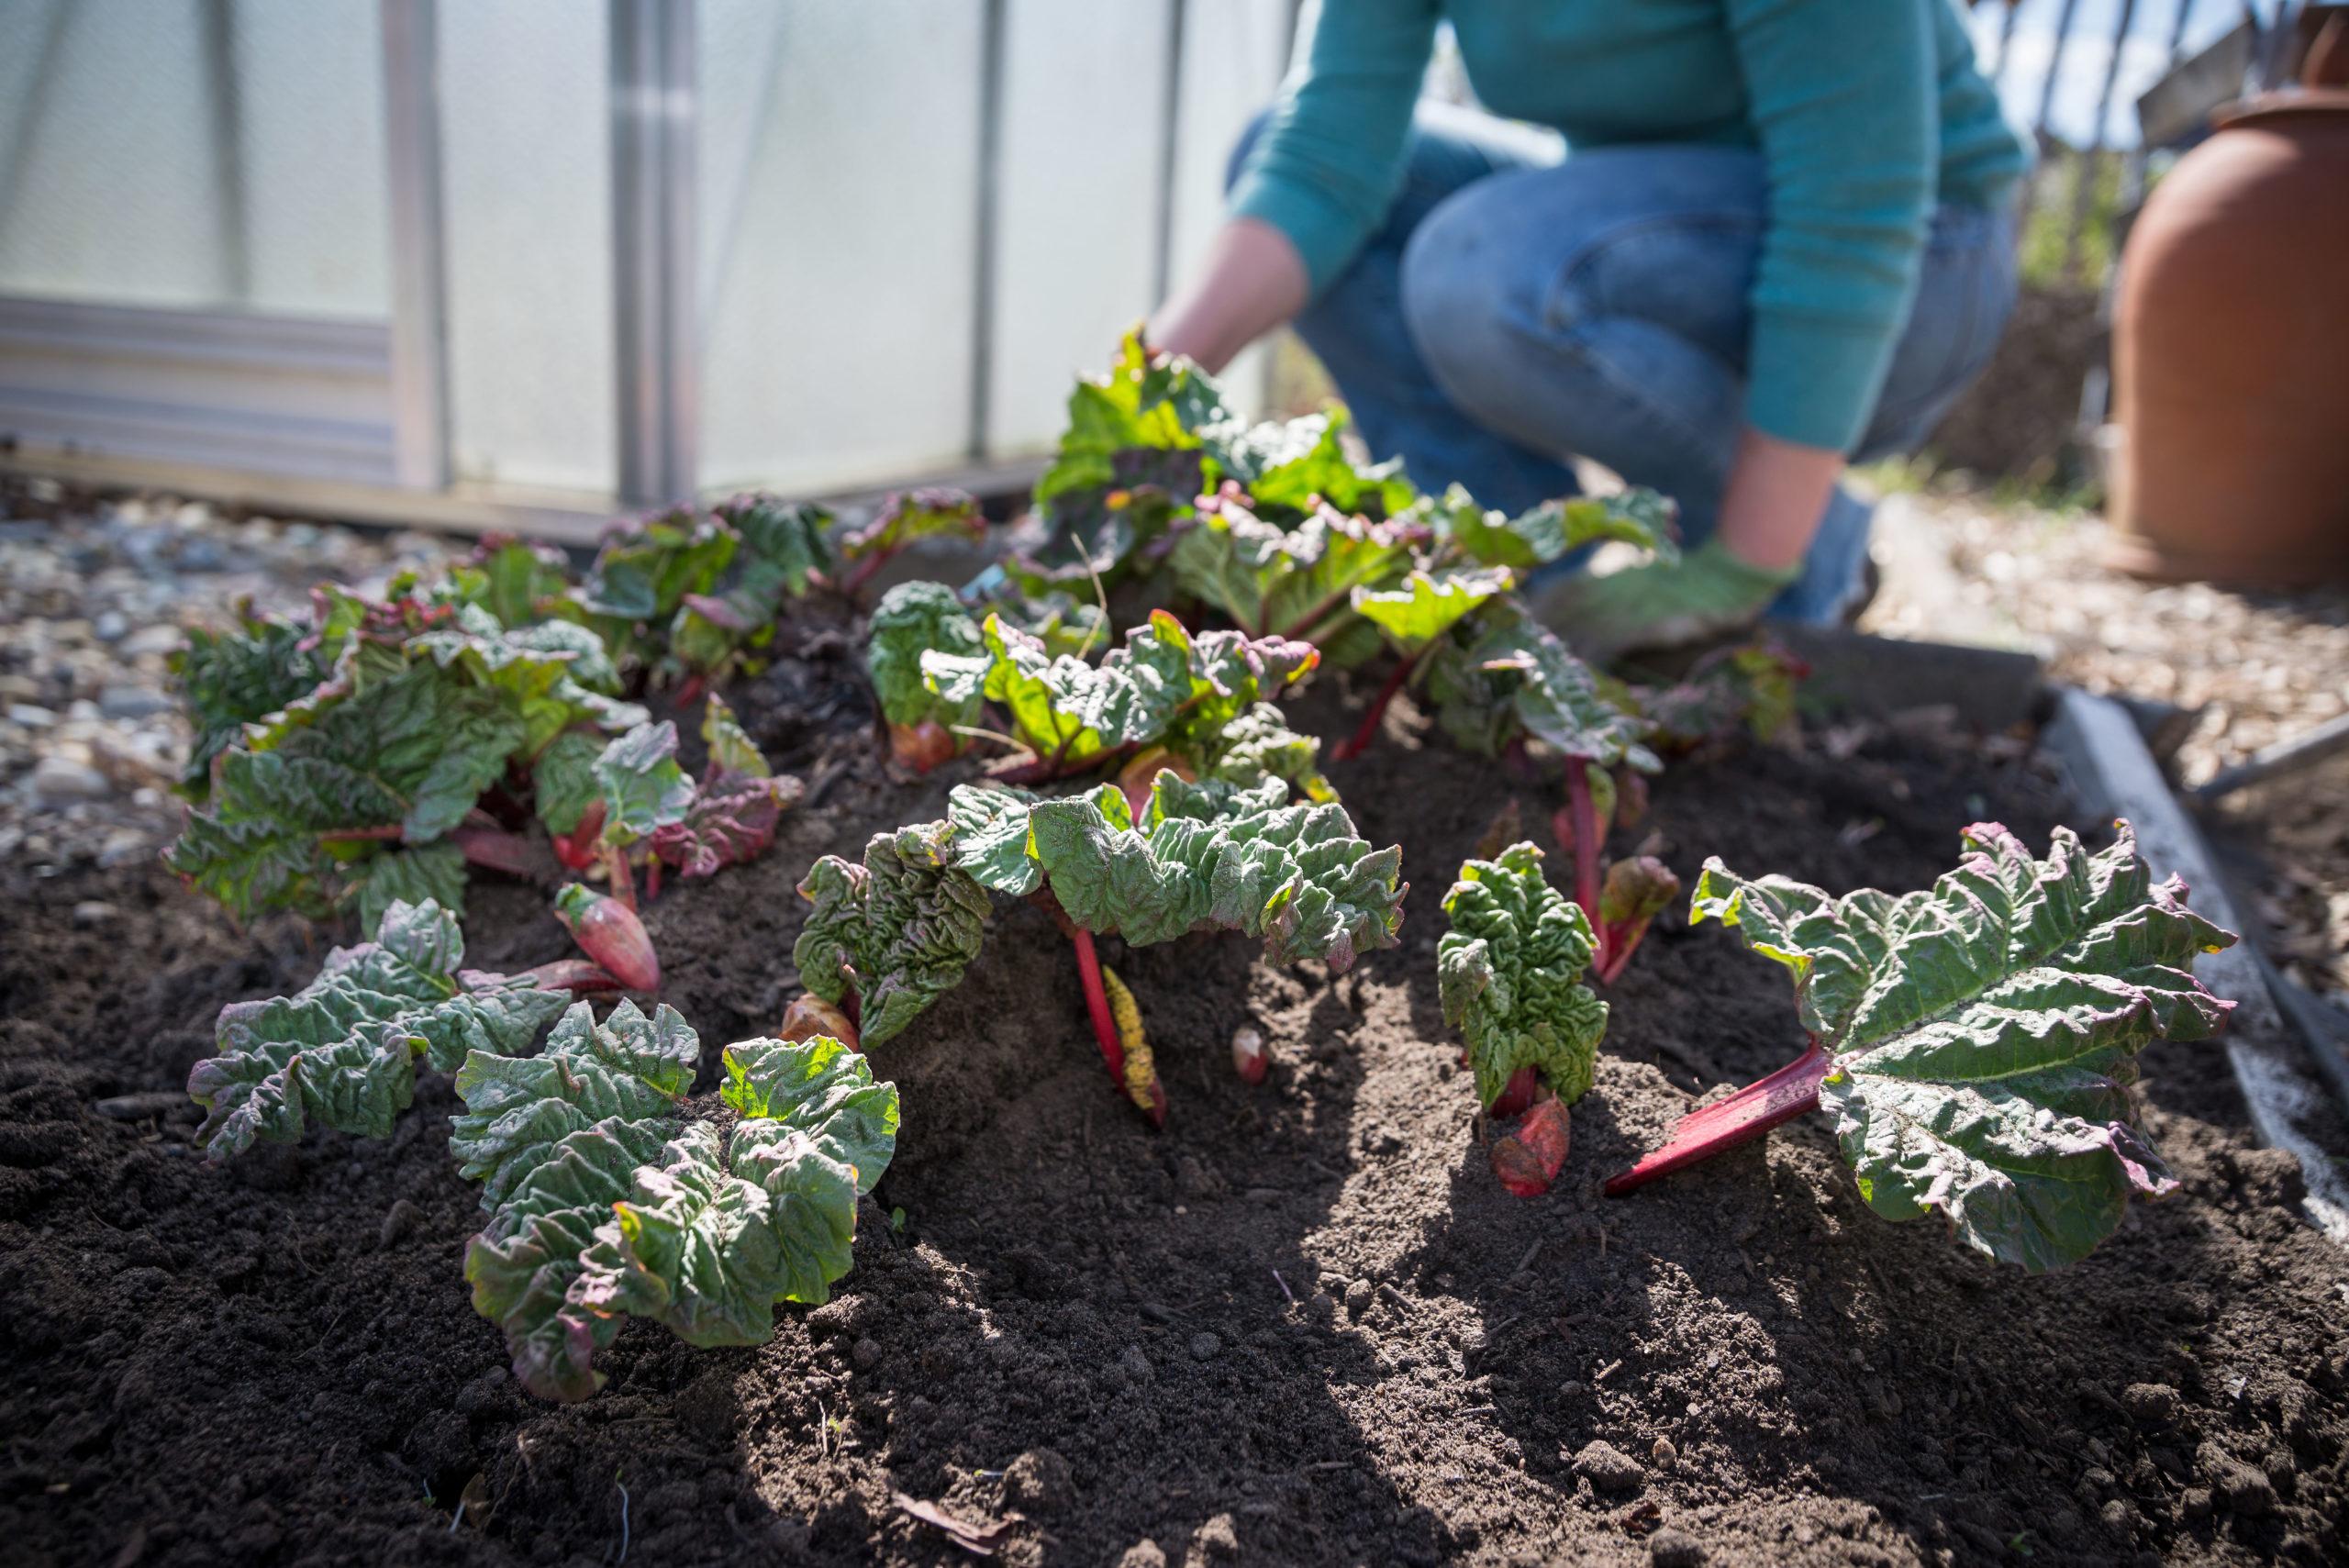 Rhabarber wird im Frühling mit Kompost gedüngt-